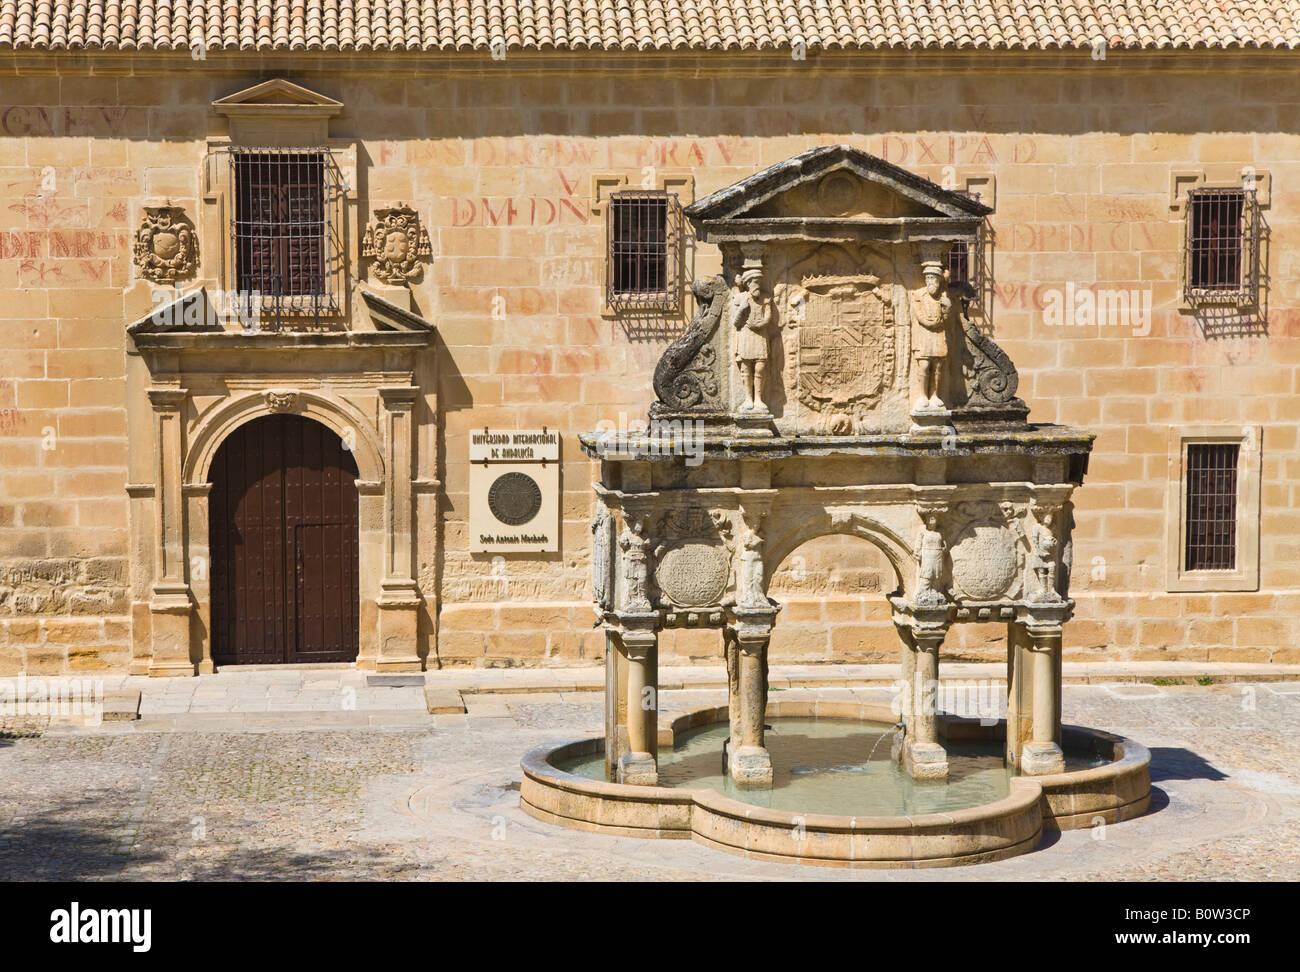 Baeza Jaen Province Spain Fuente de Santa Maria in Plaza de Santa Maria. Seminario de San Felipe Neri behind. - Stock Image